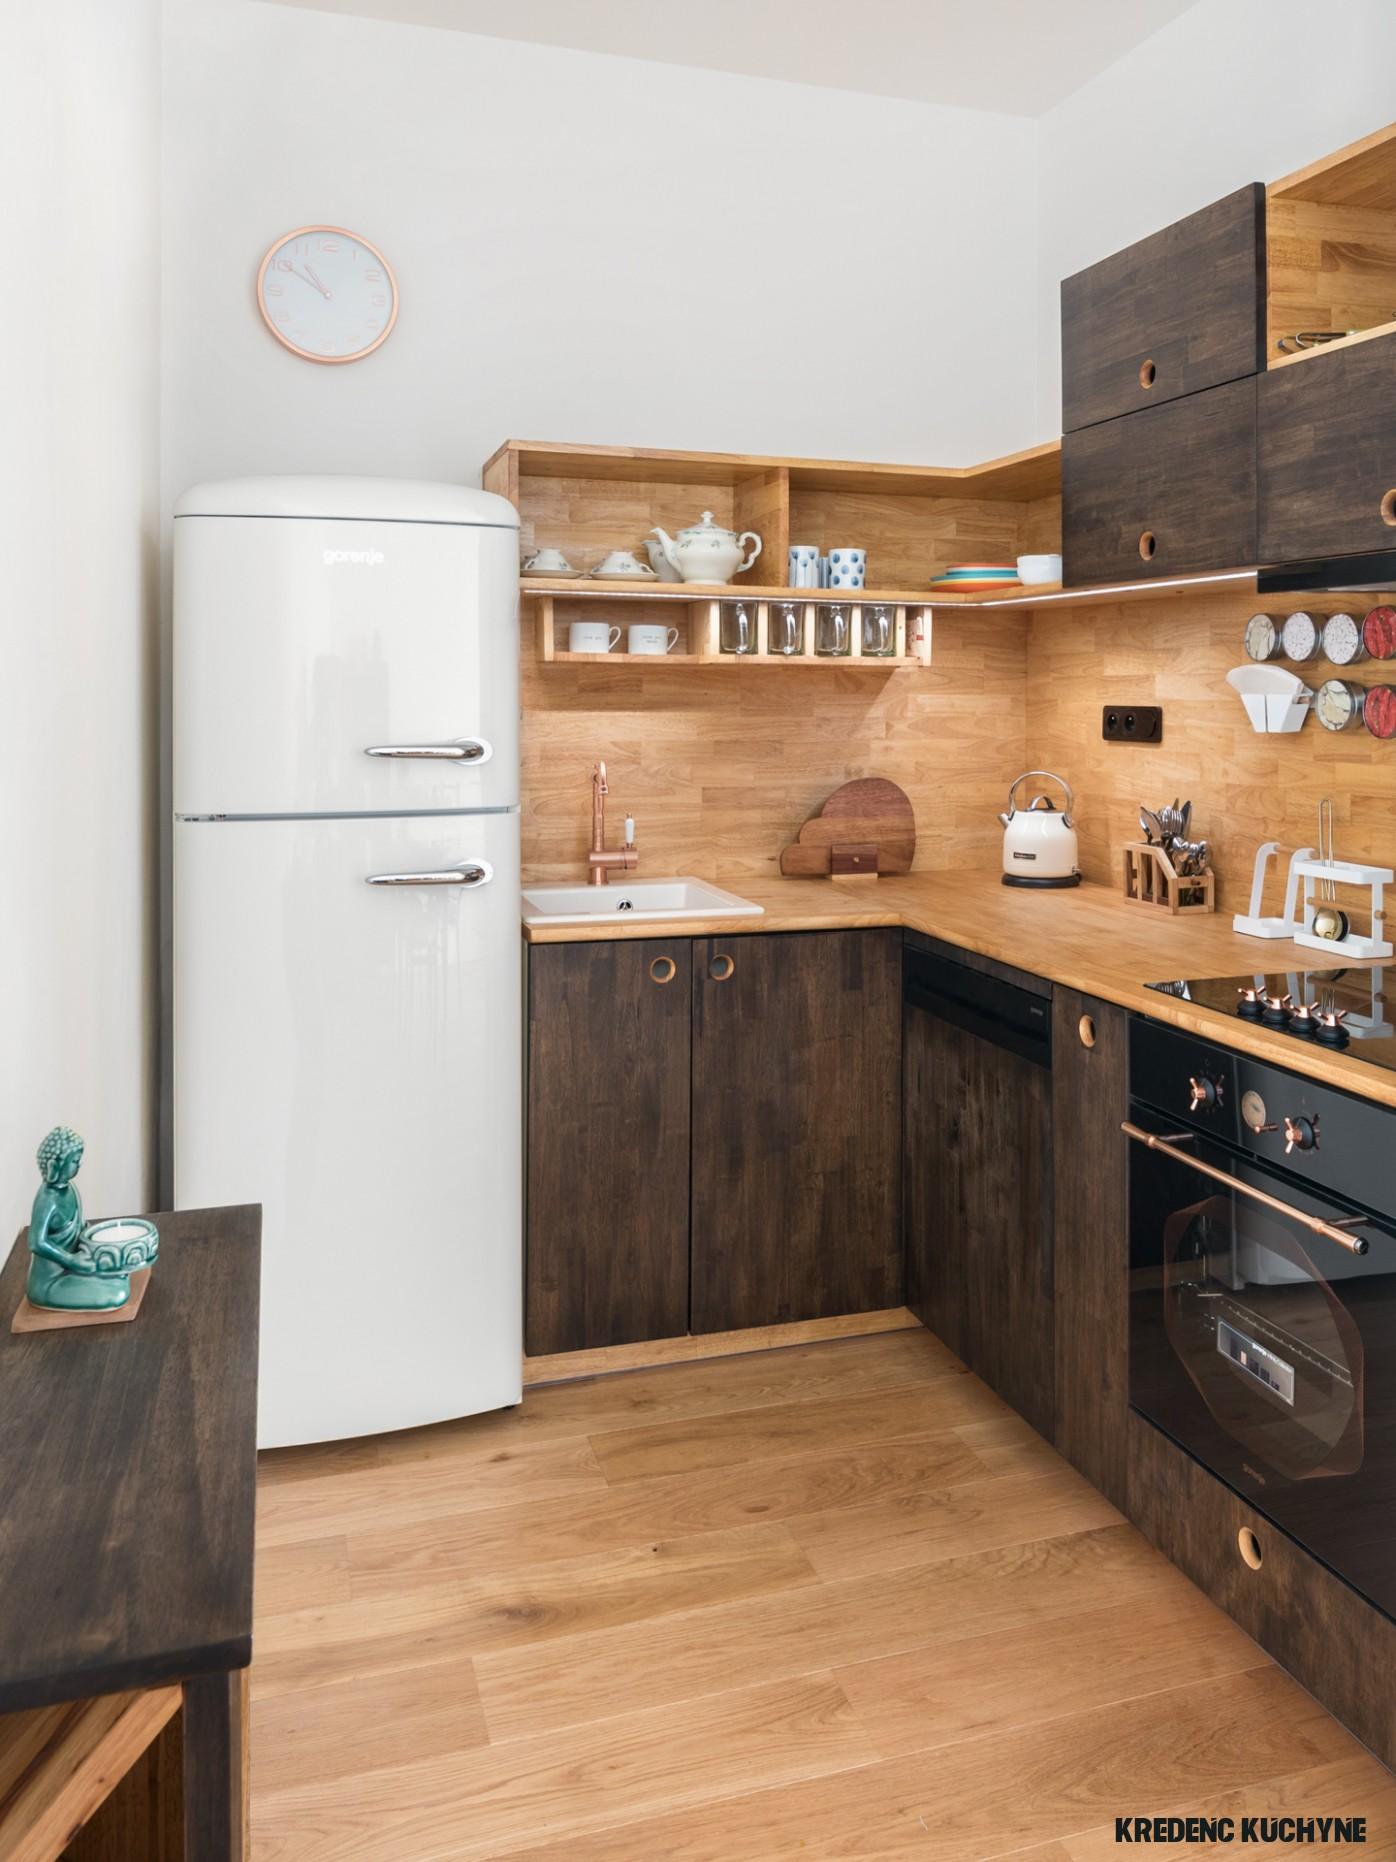 Ekologická kuchyně a la Kredenc – Atelier Paletky